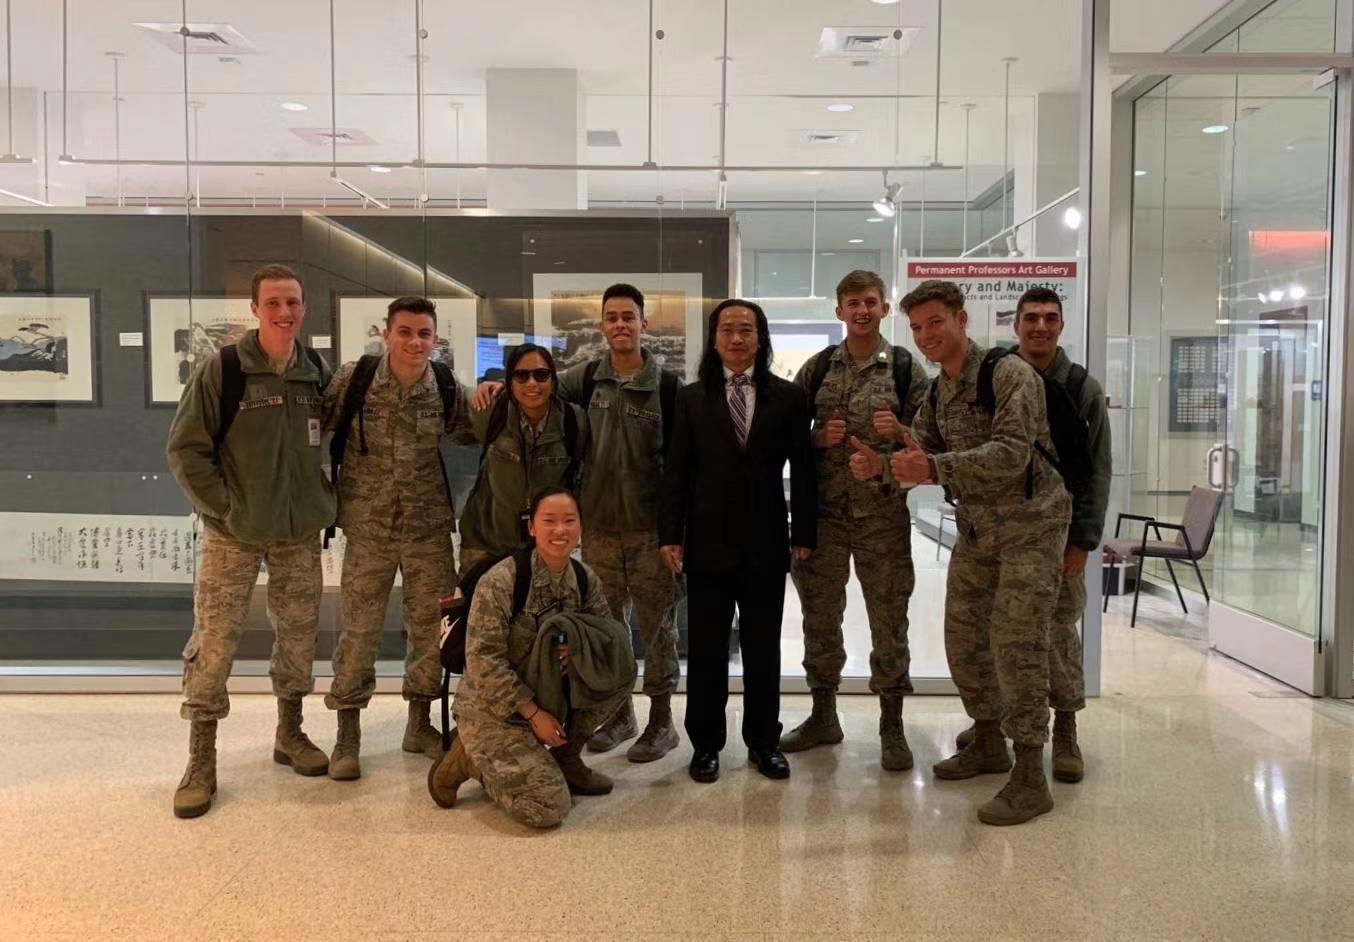 董廷超作品2019年12月6日在美国空军学院展出